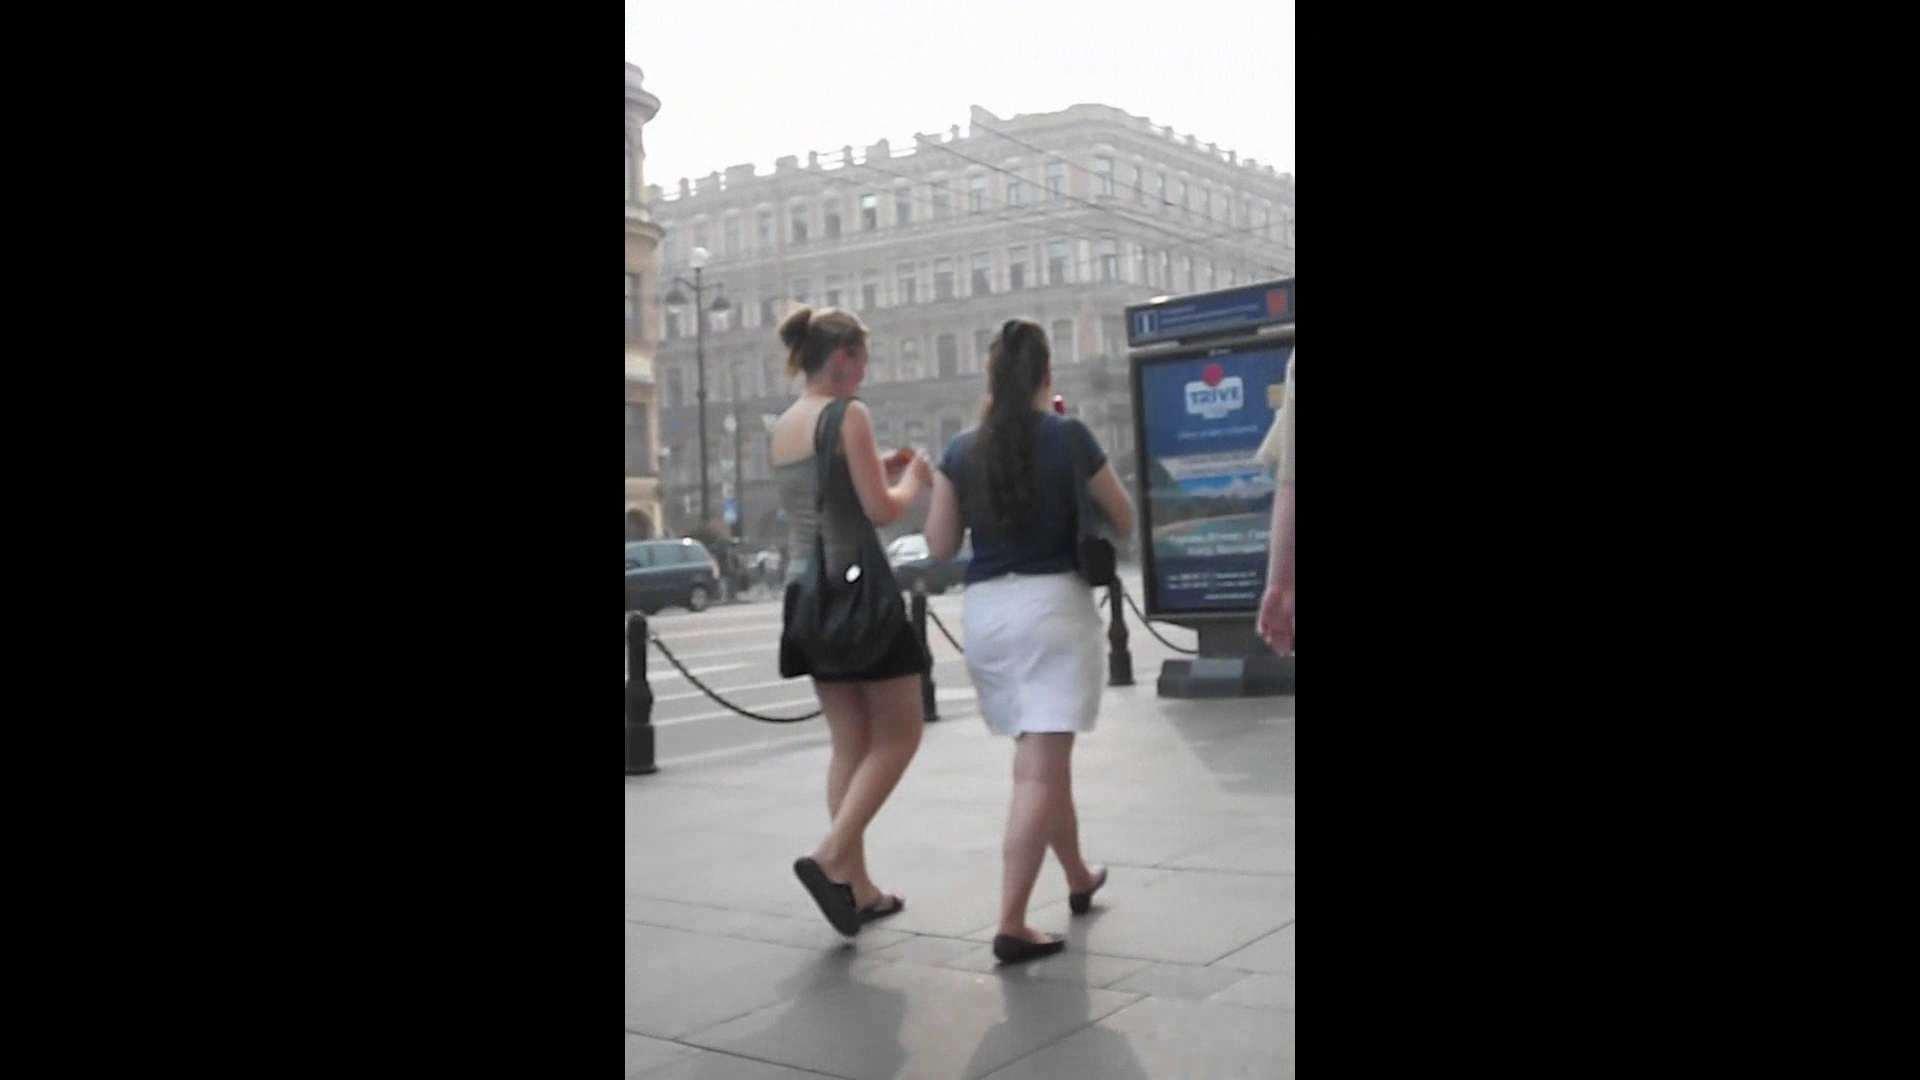 綺麗なモデルさんのスカート捲っちゃおう‼vol06 美しいOLの裸体  103pic 33